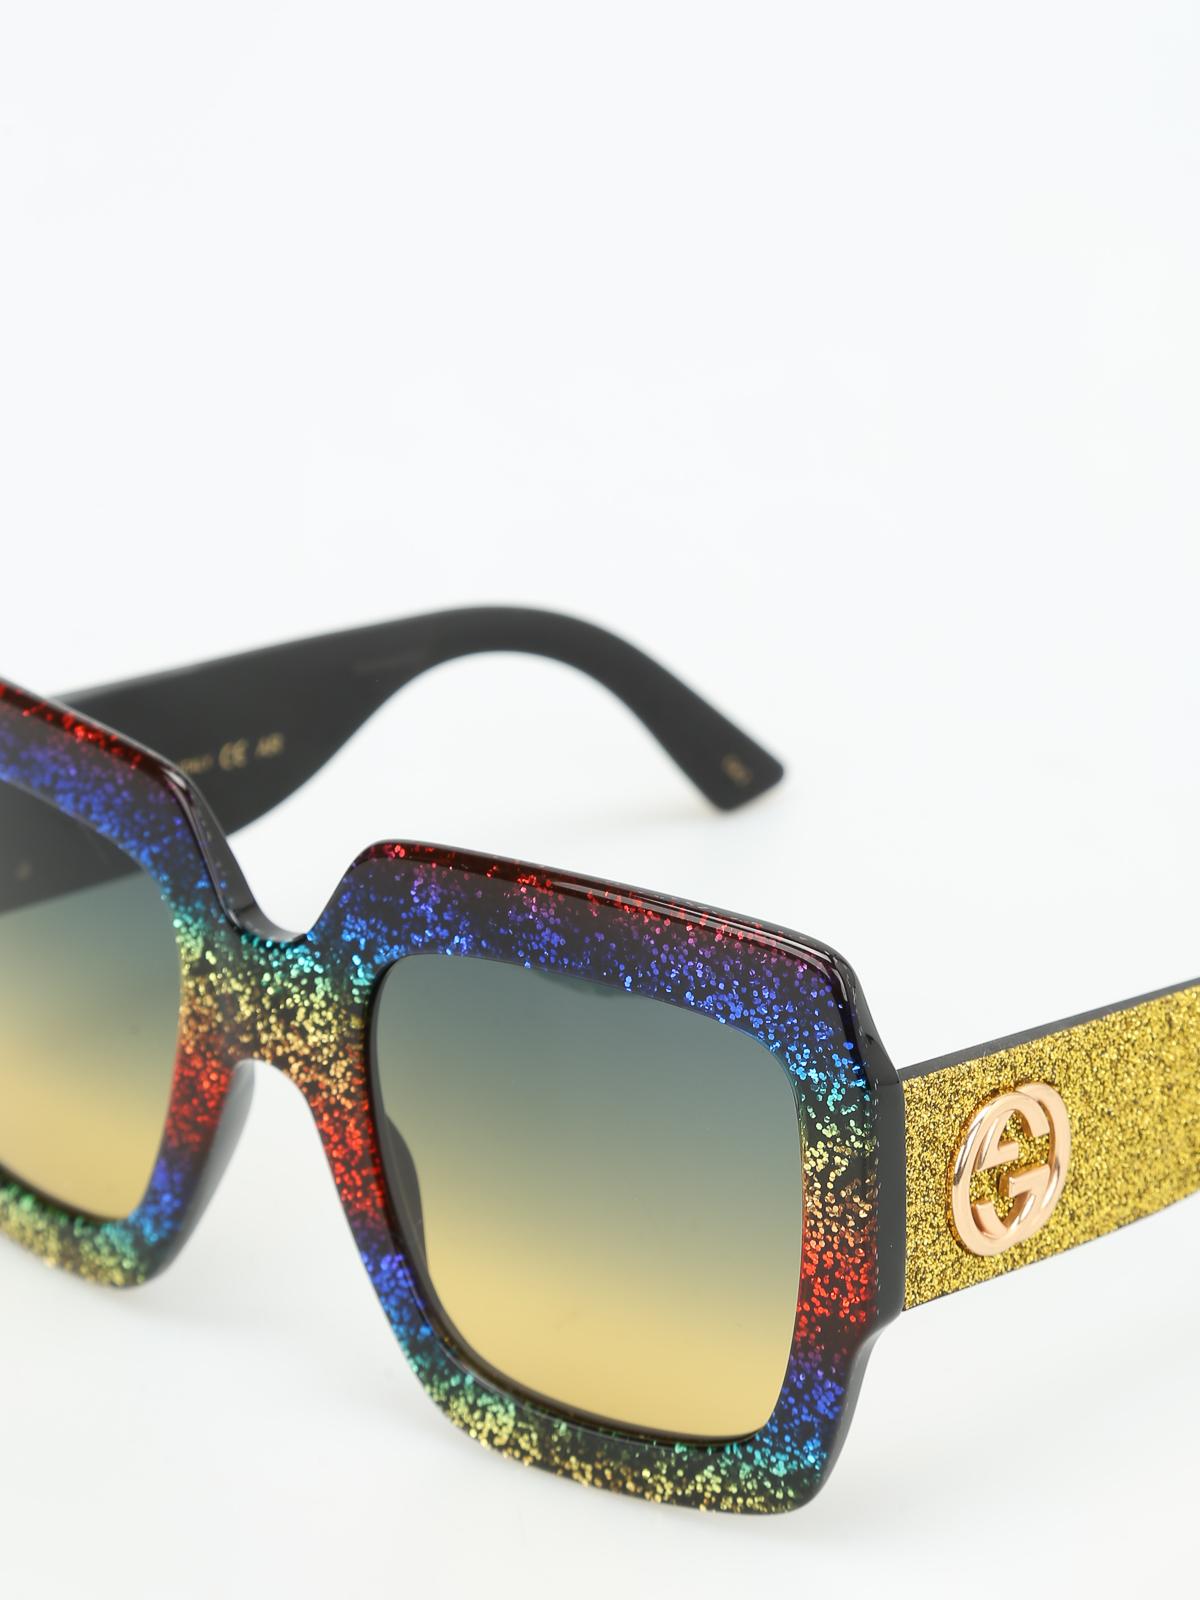 ikrix gucci sonnenbrillen sonnenbrille fur unisex bunt